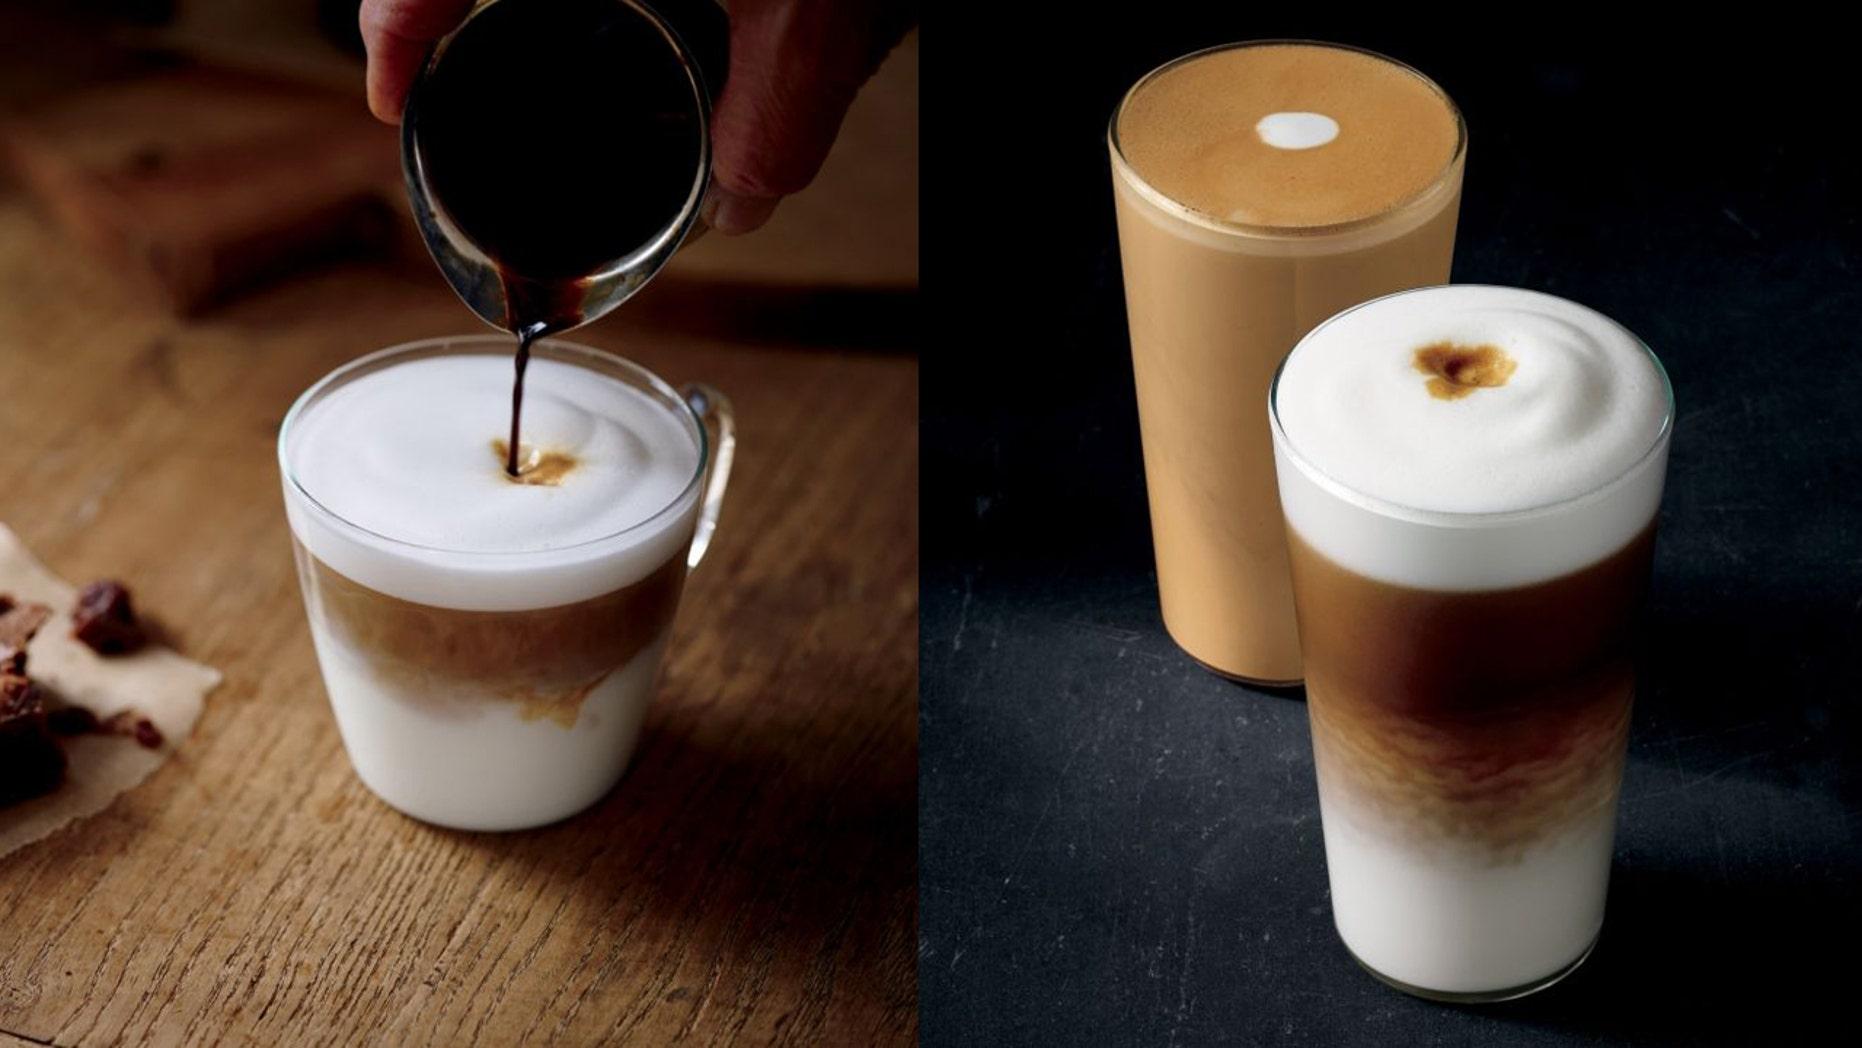 The latte macchiato is Starbucks' latest core beverage.